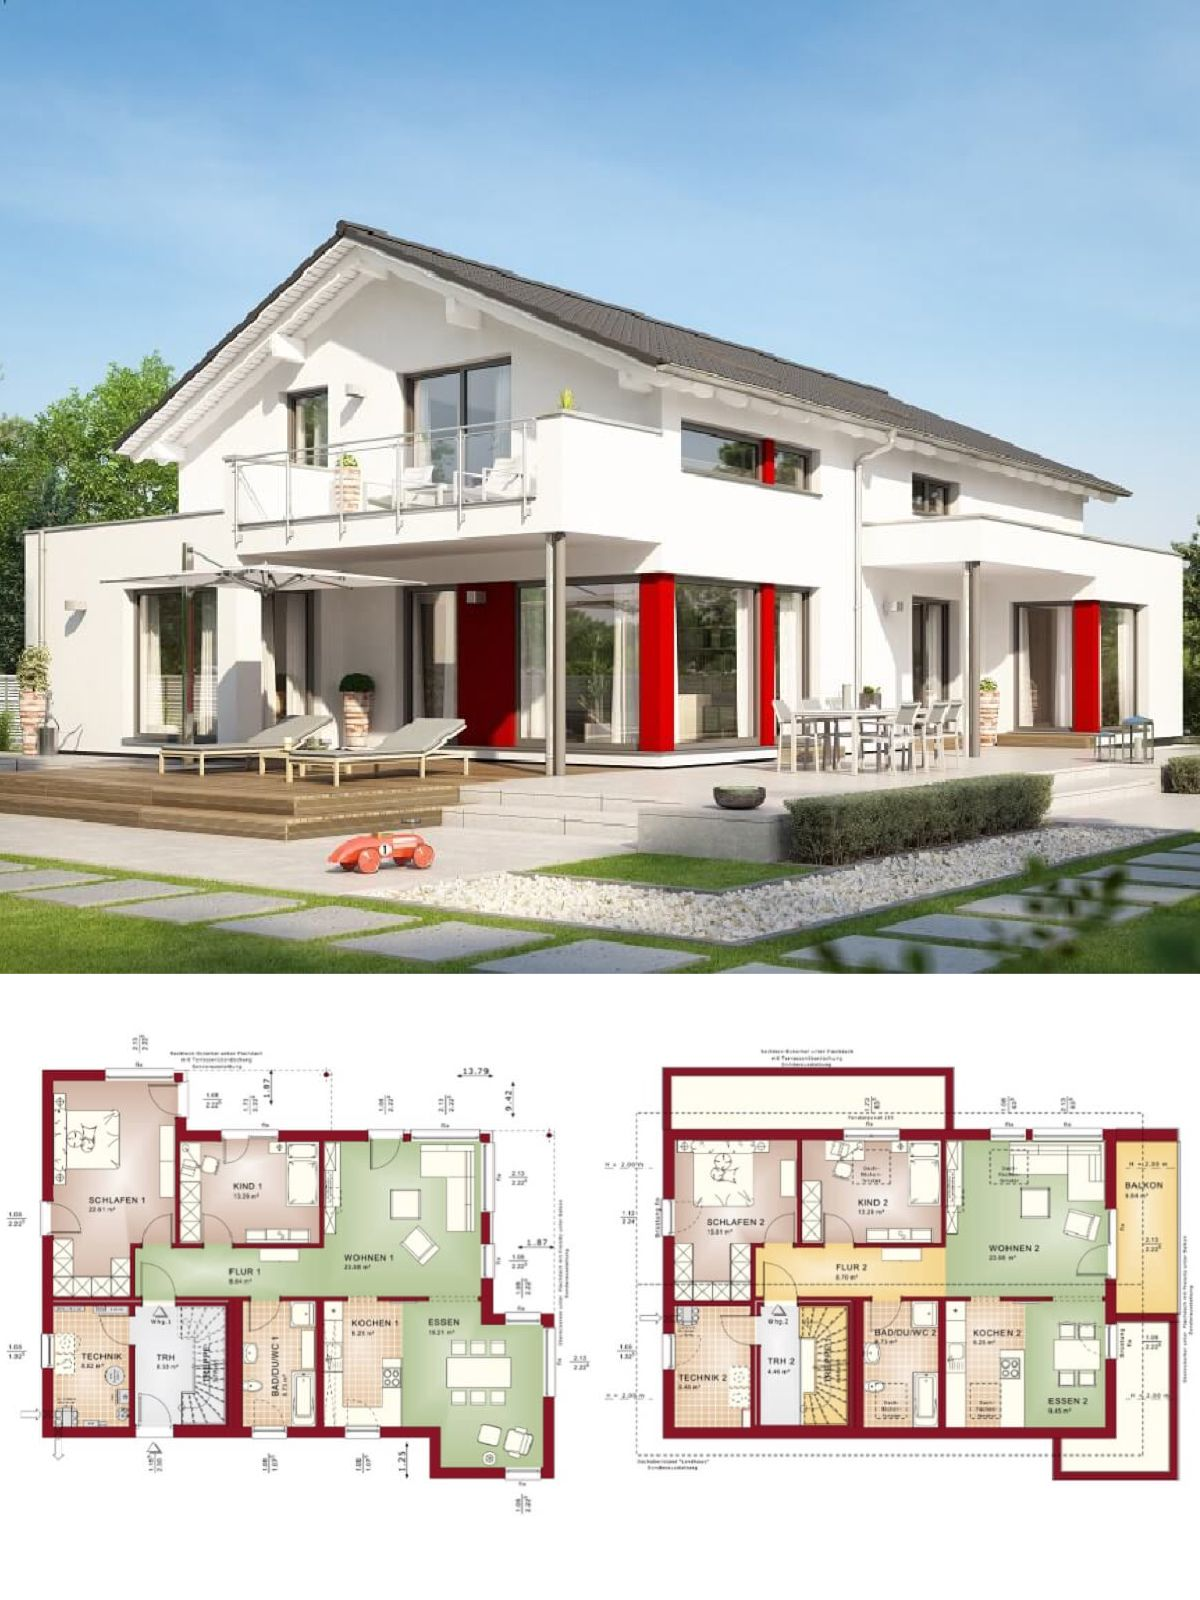 Zweifamilienhaus Mit Einliegerwohnung Architektur Modern Mit